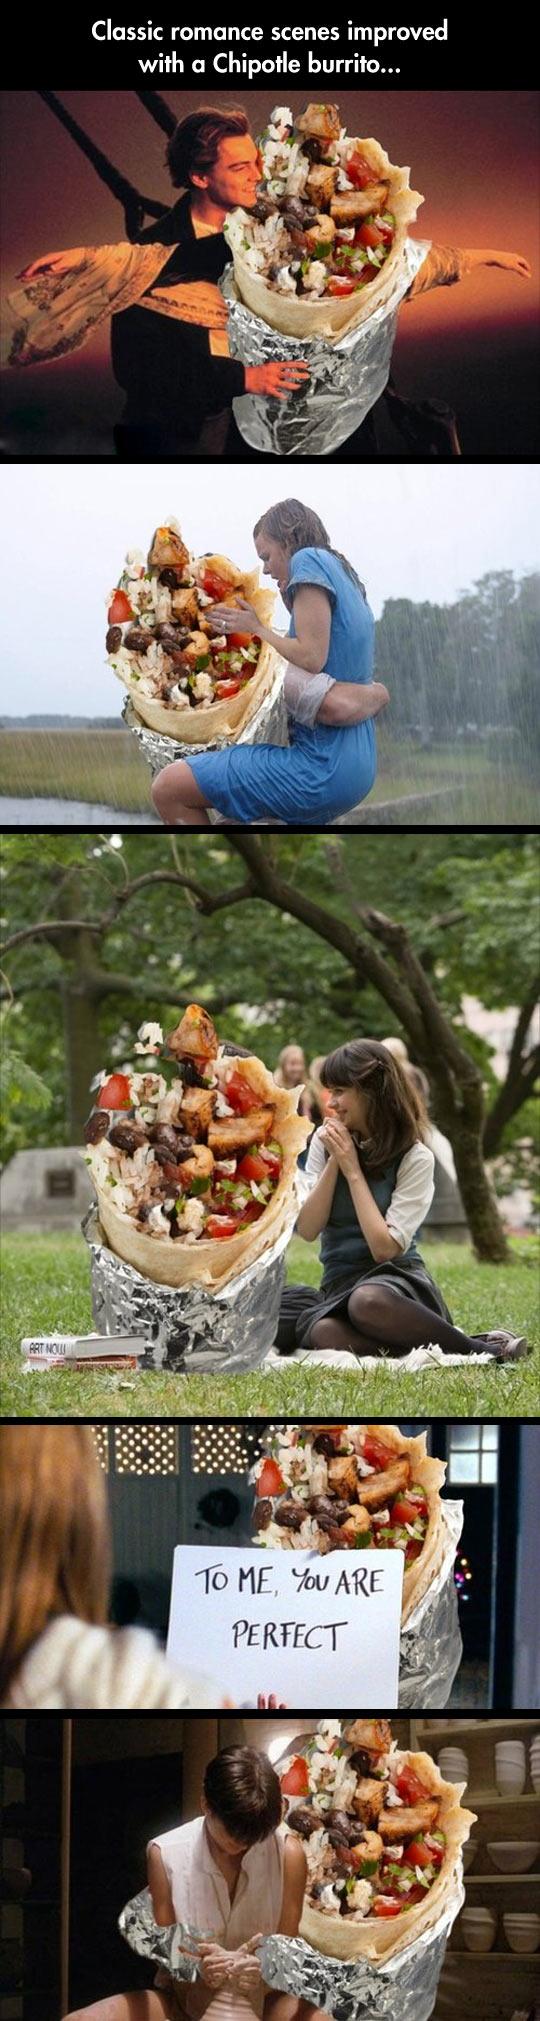 Romantic Burrito